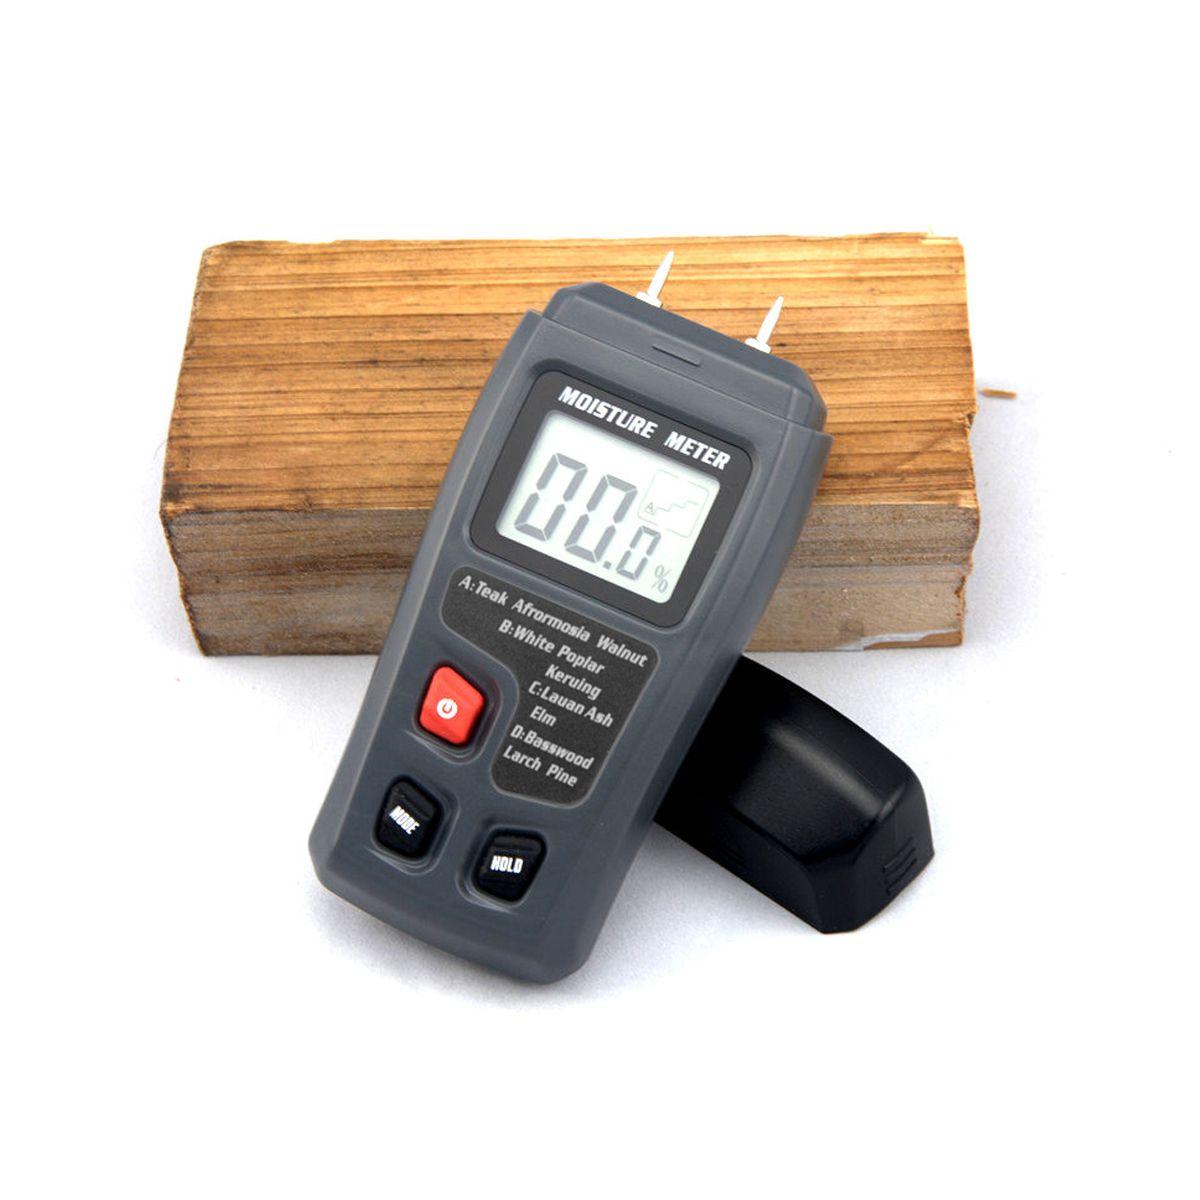 EMT01 0-99.9% deux broches numérique bois humidimètre bois humidité testeur hygromètre bois humide détecteur grand écran LCD